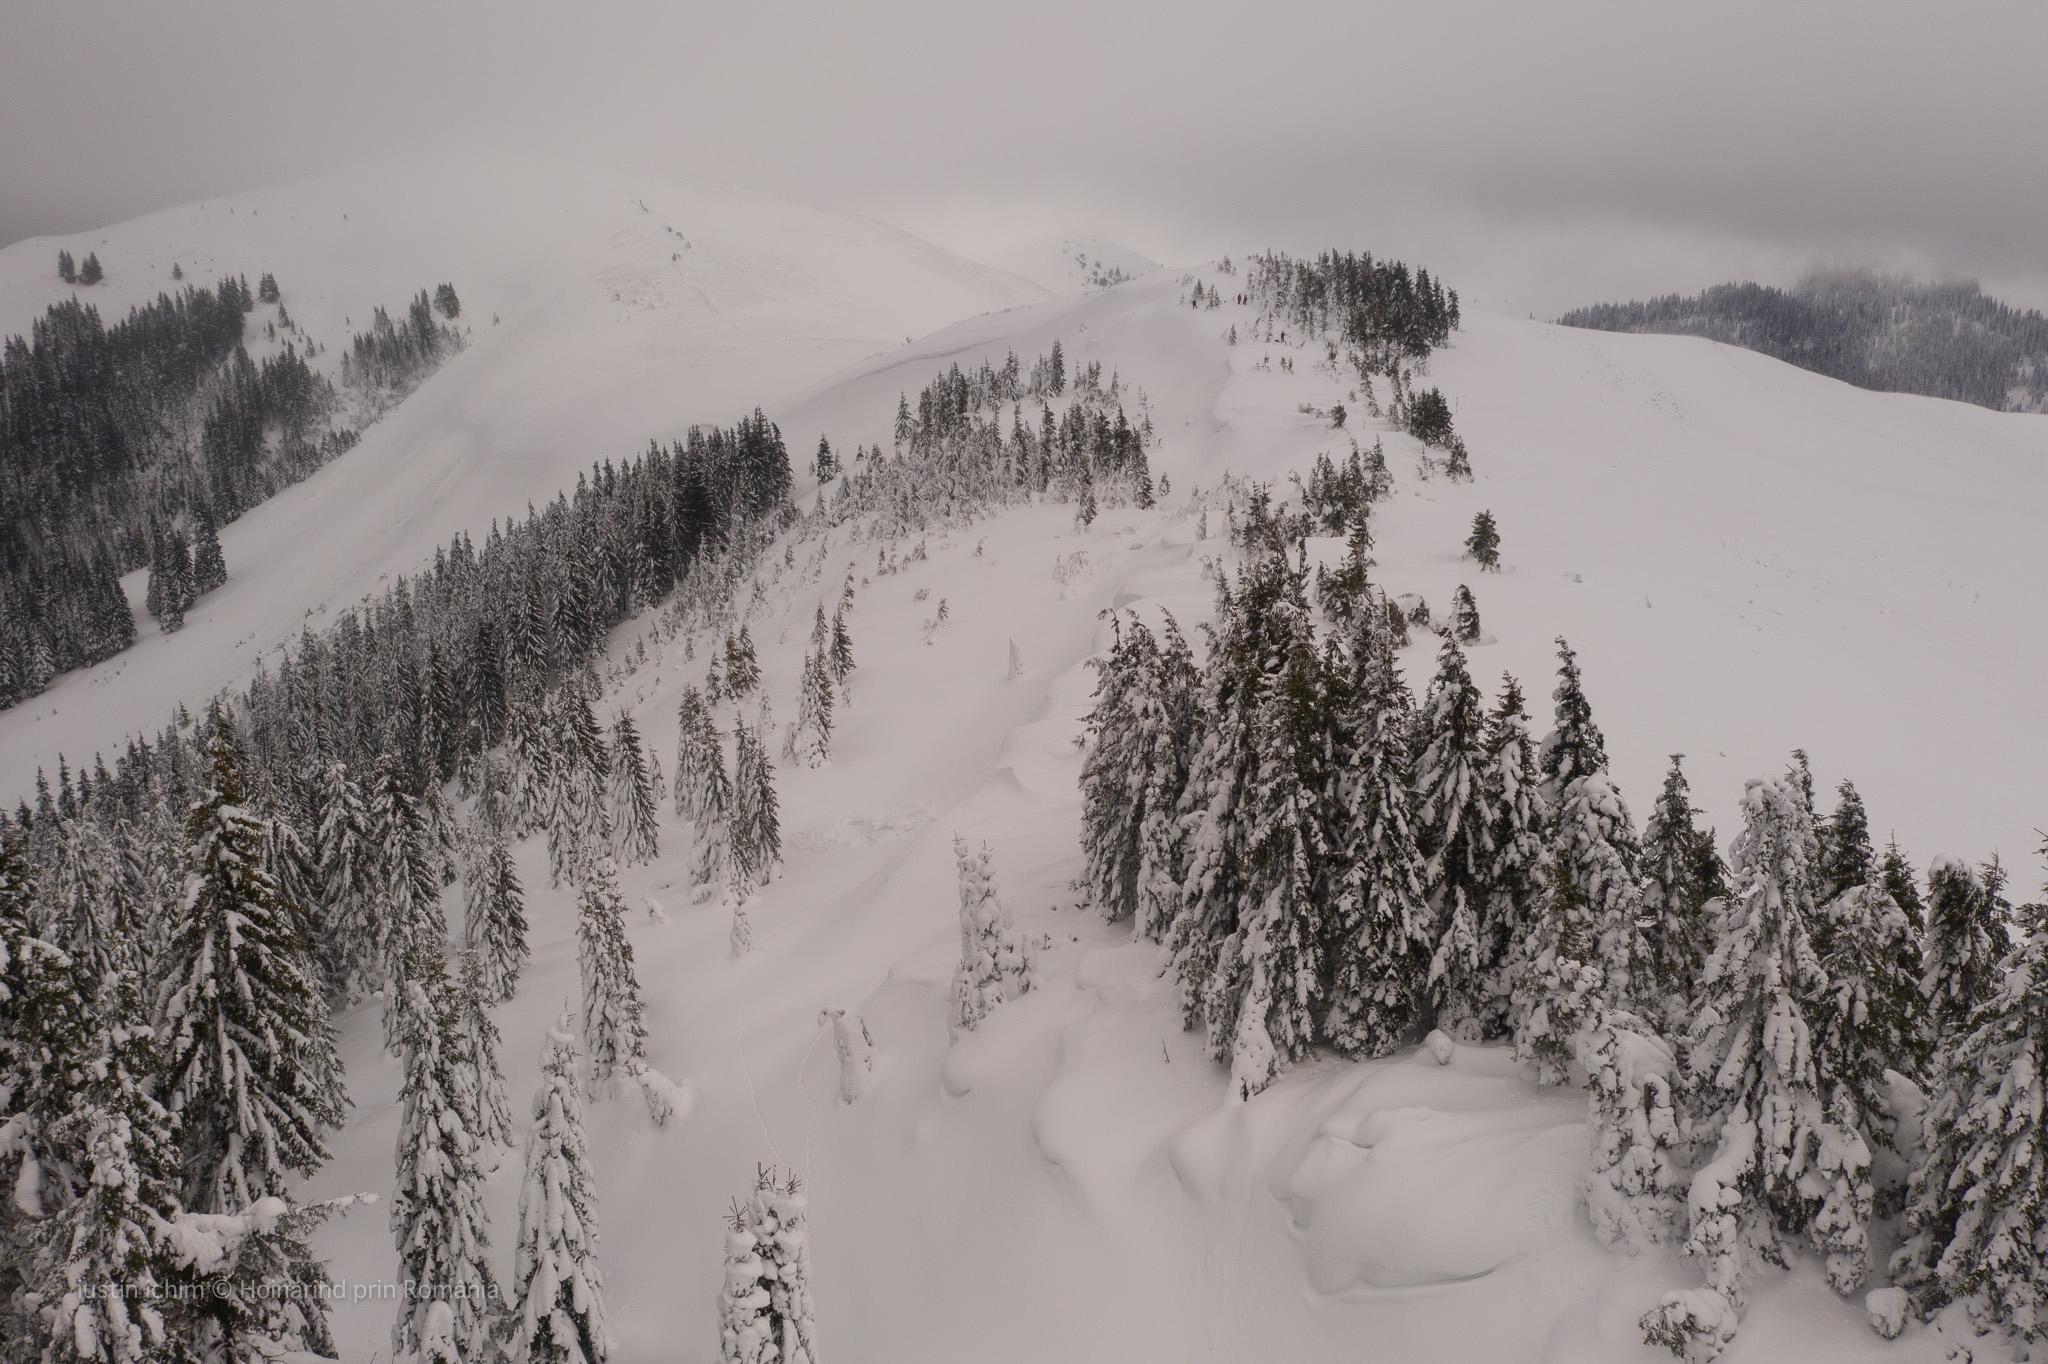 Peisaj cu troiene de zăpadă, vedere aeriană